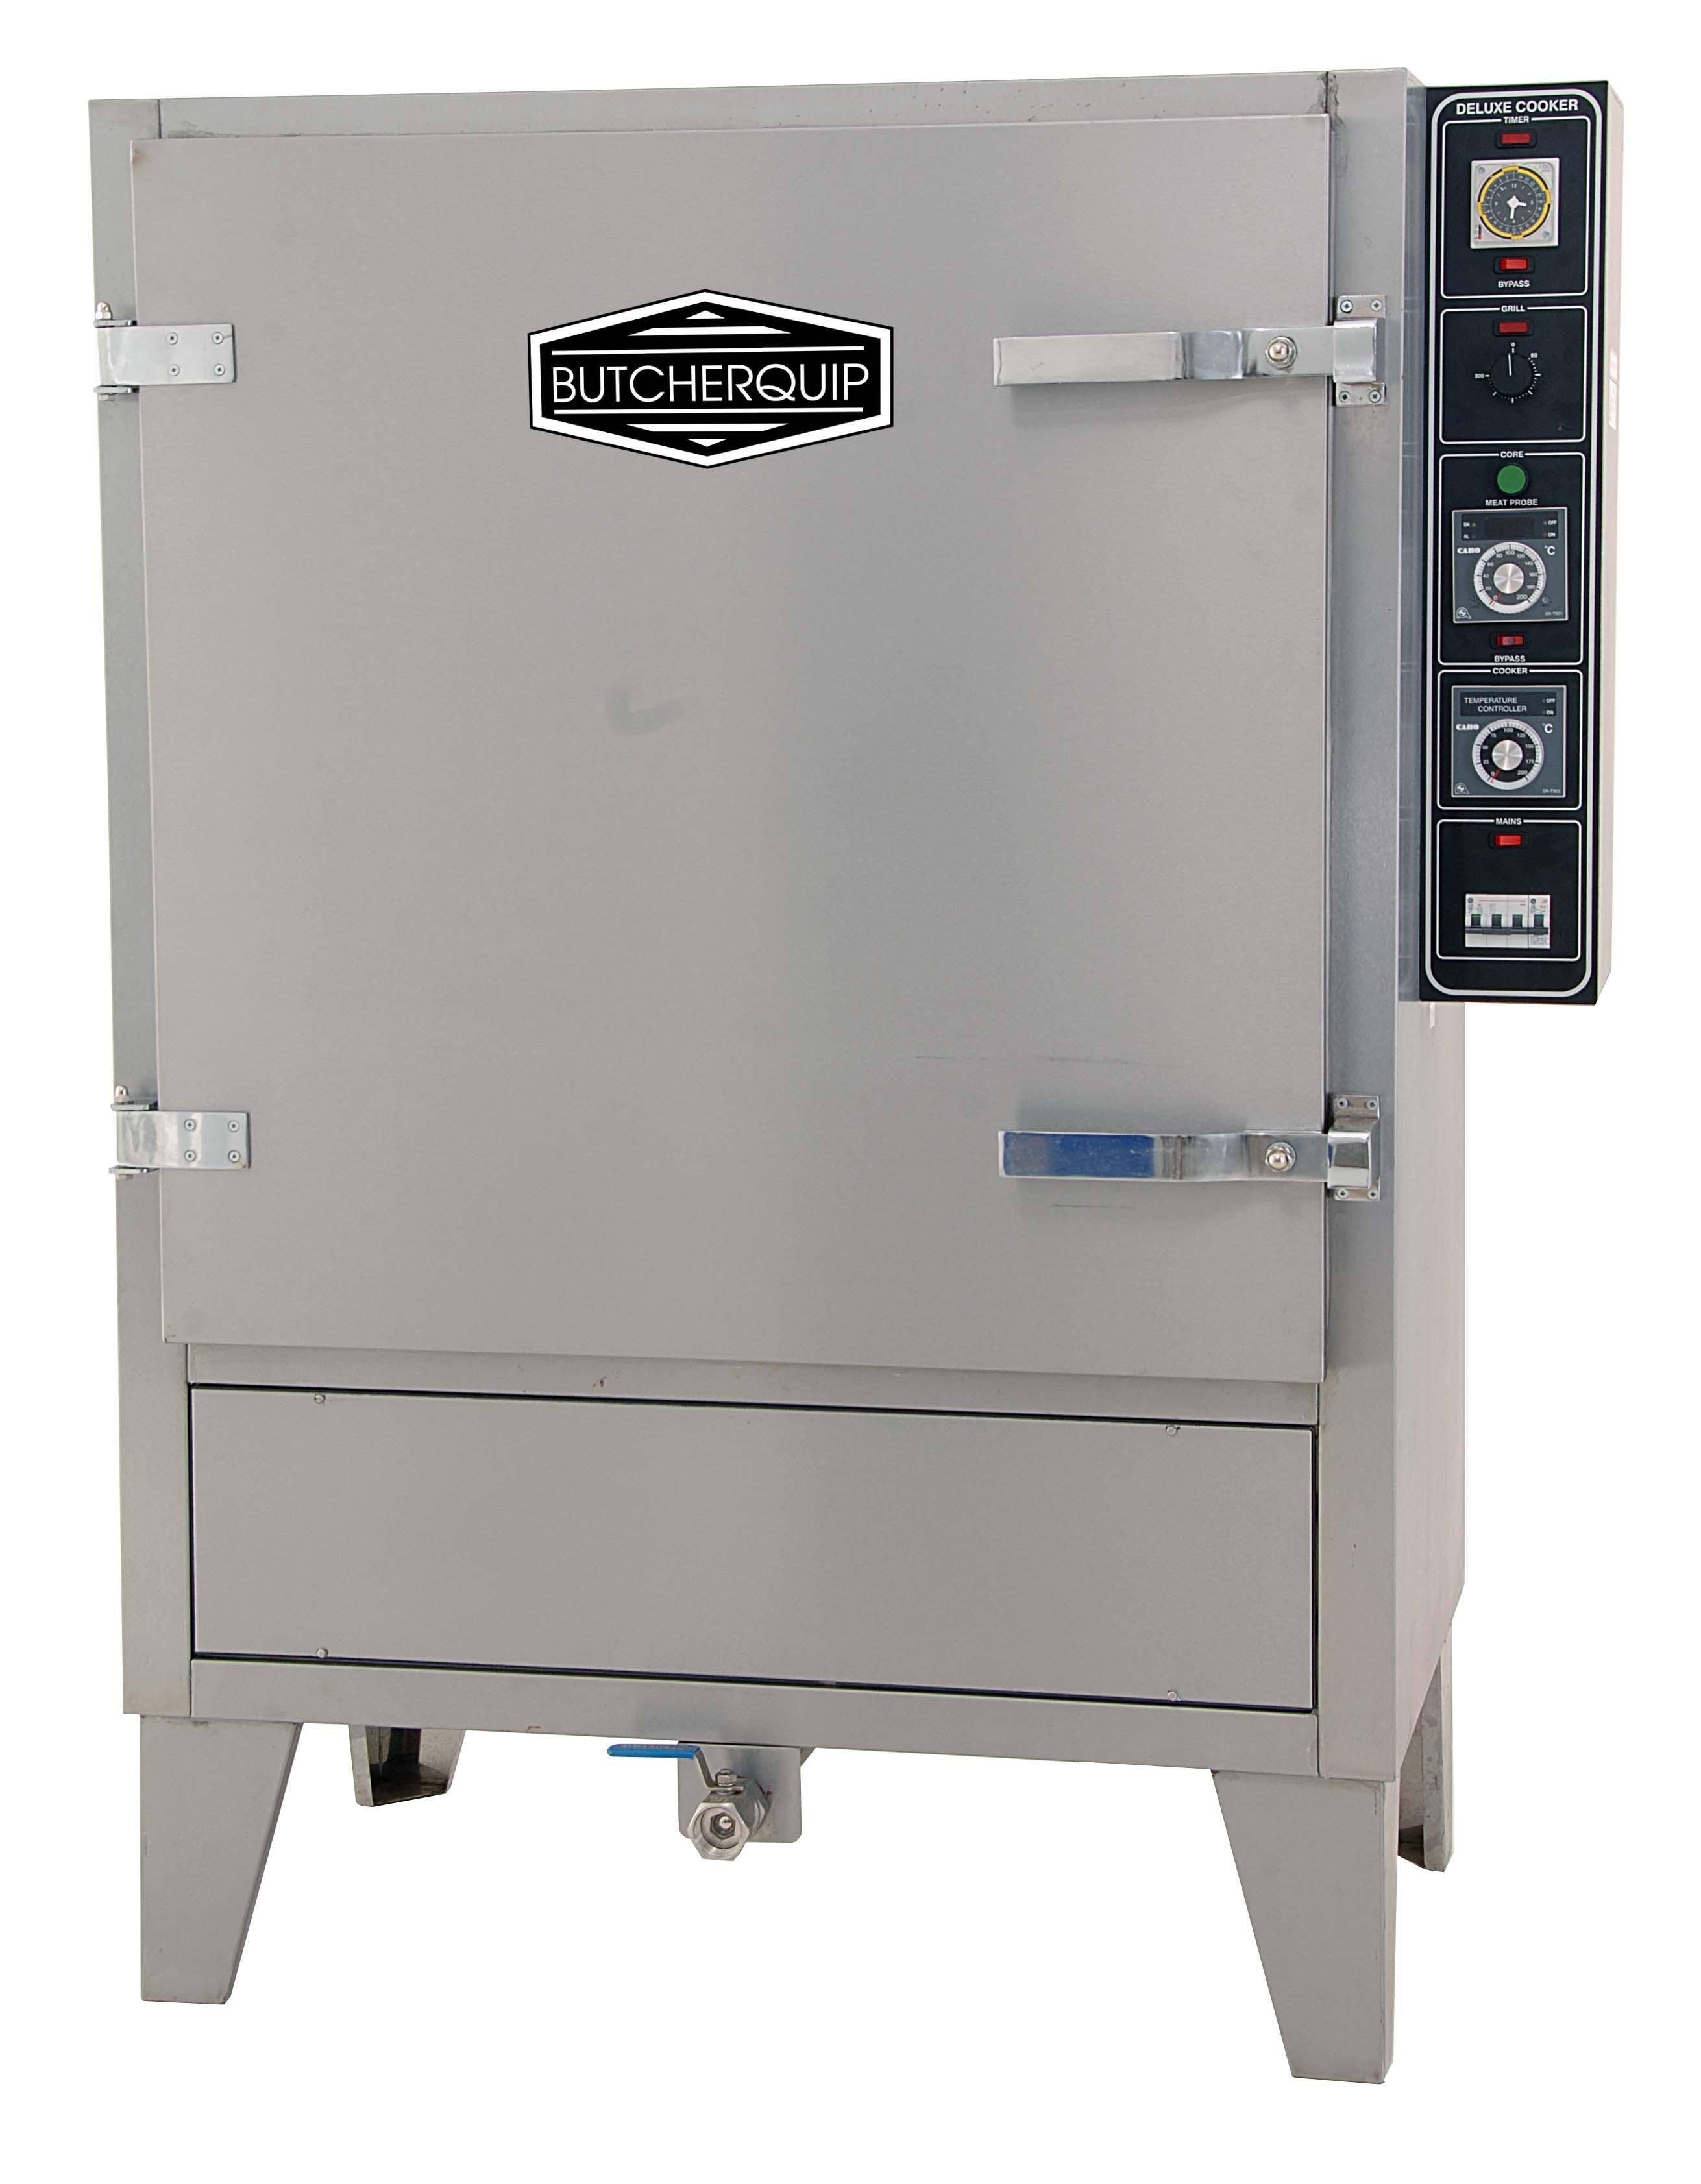 ccb1600--cooker-cabinet-butcherquip--deluxe--600lt